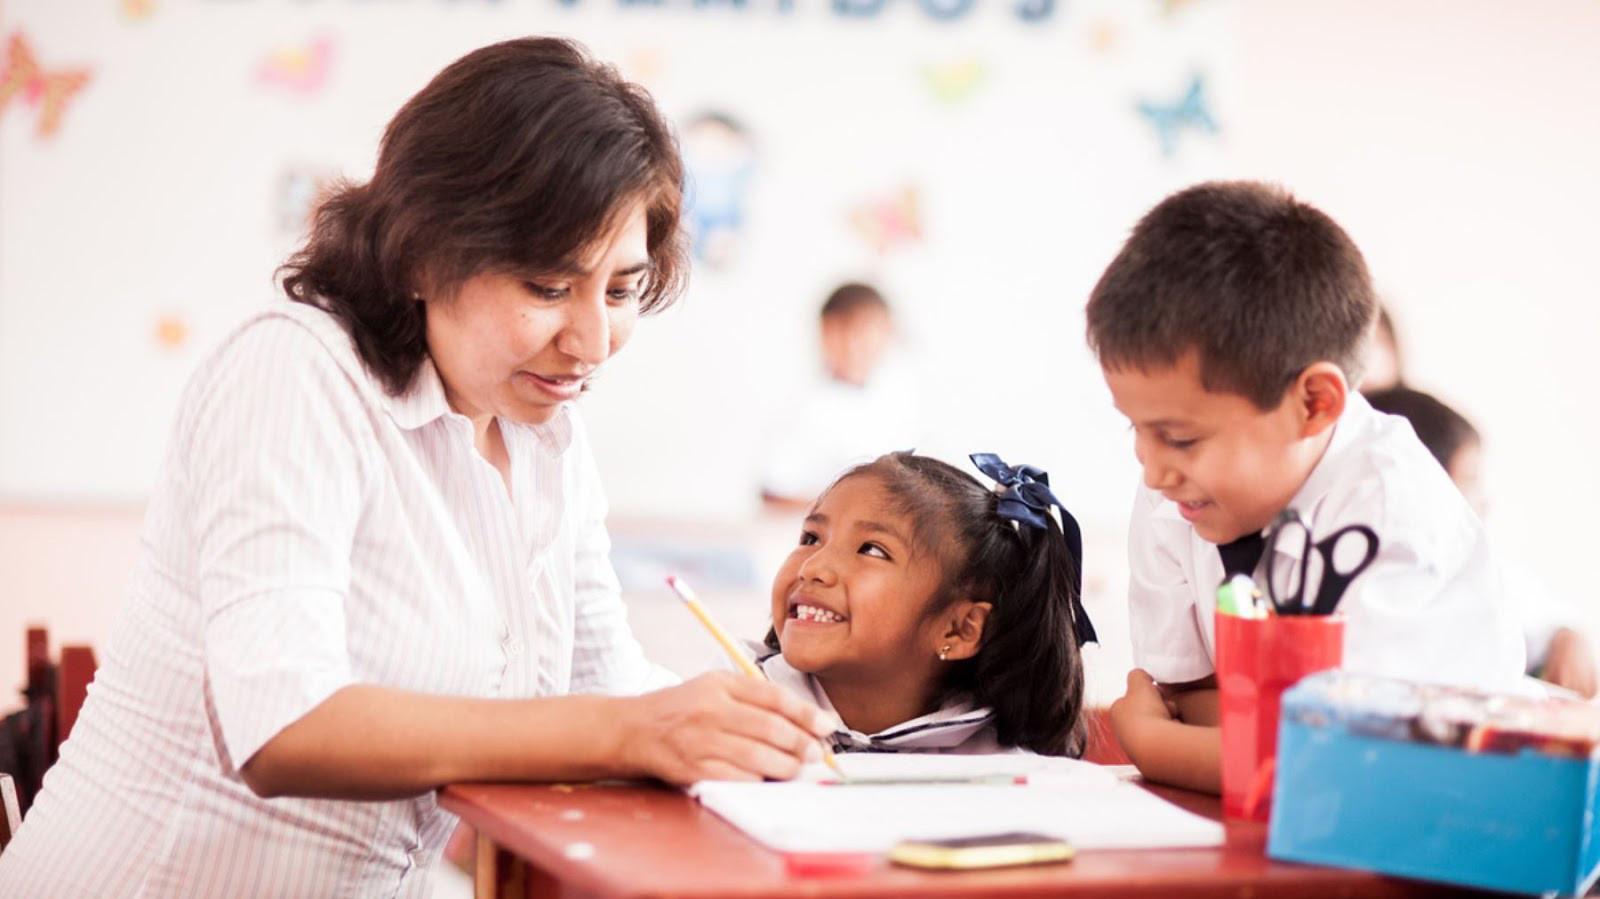 en-colegios-e-institutos-la-excepcion-se-convierte-en-la-regla